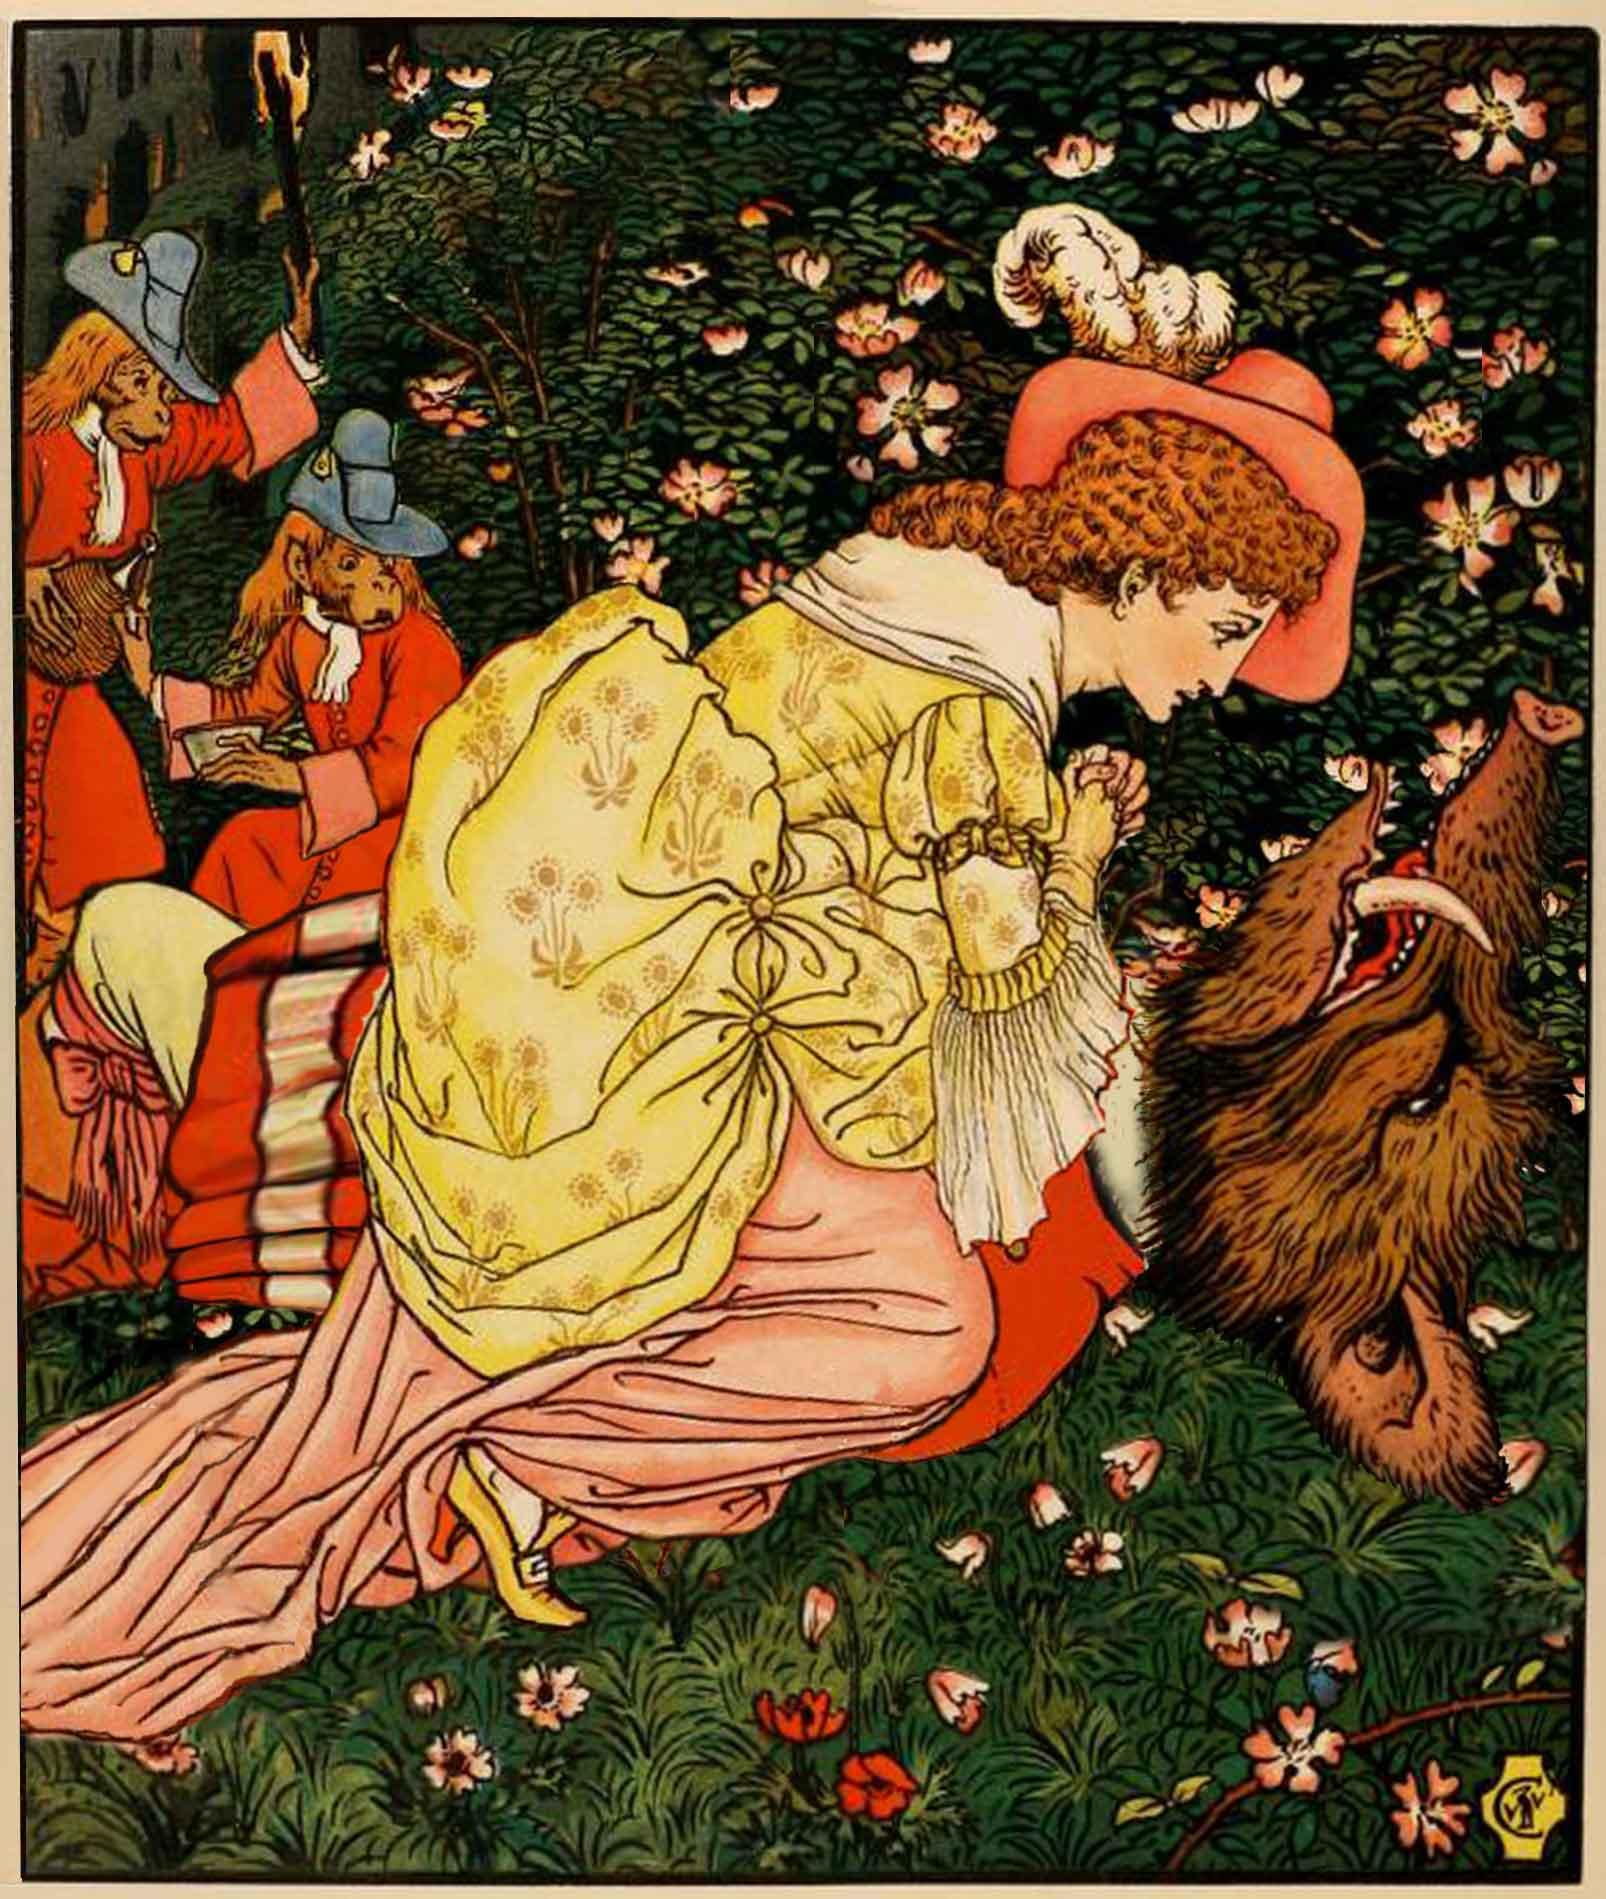 Walter Crane, La Bella e la Bestia